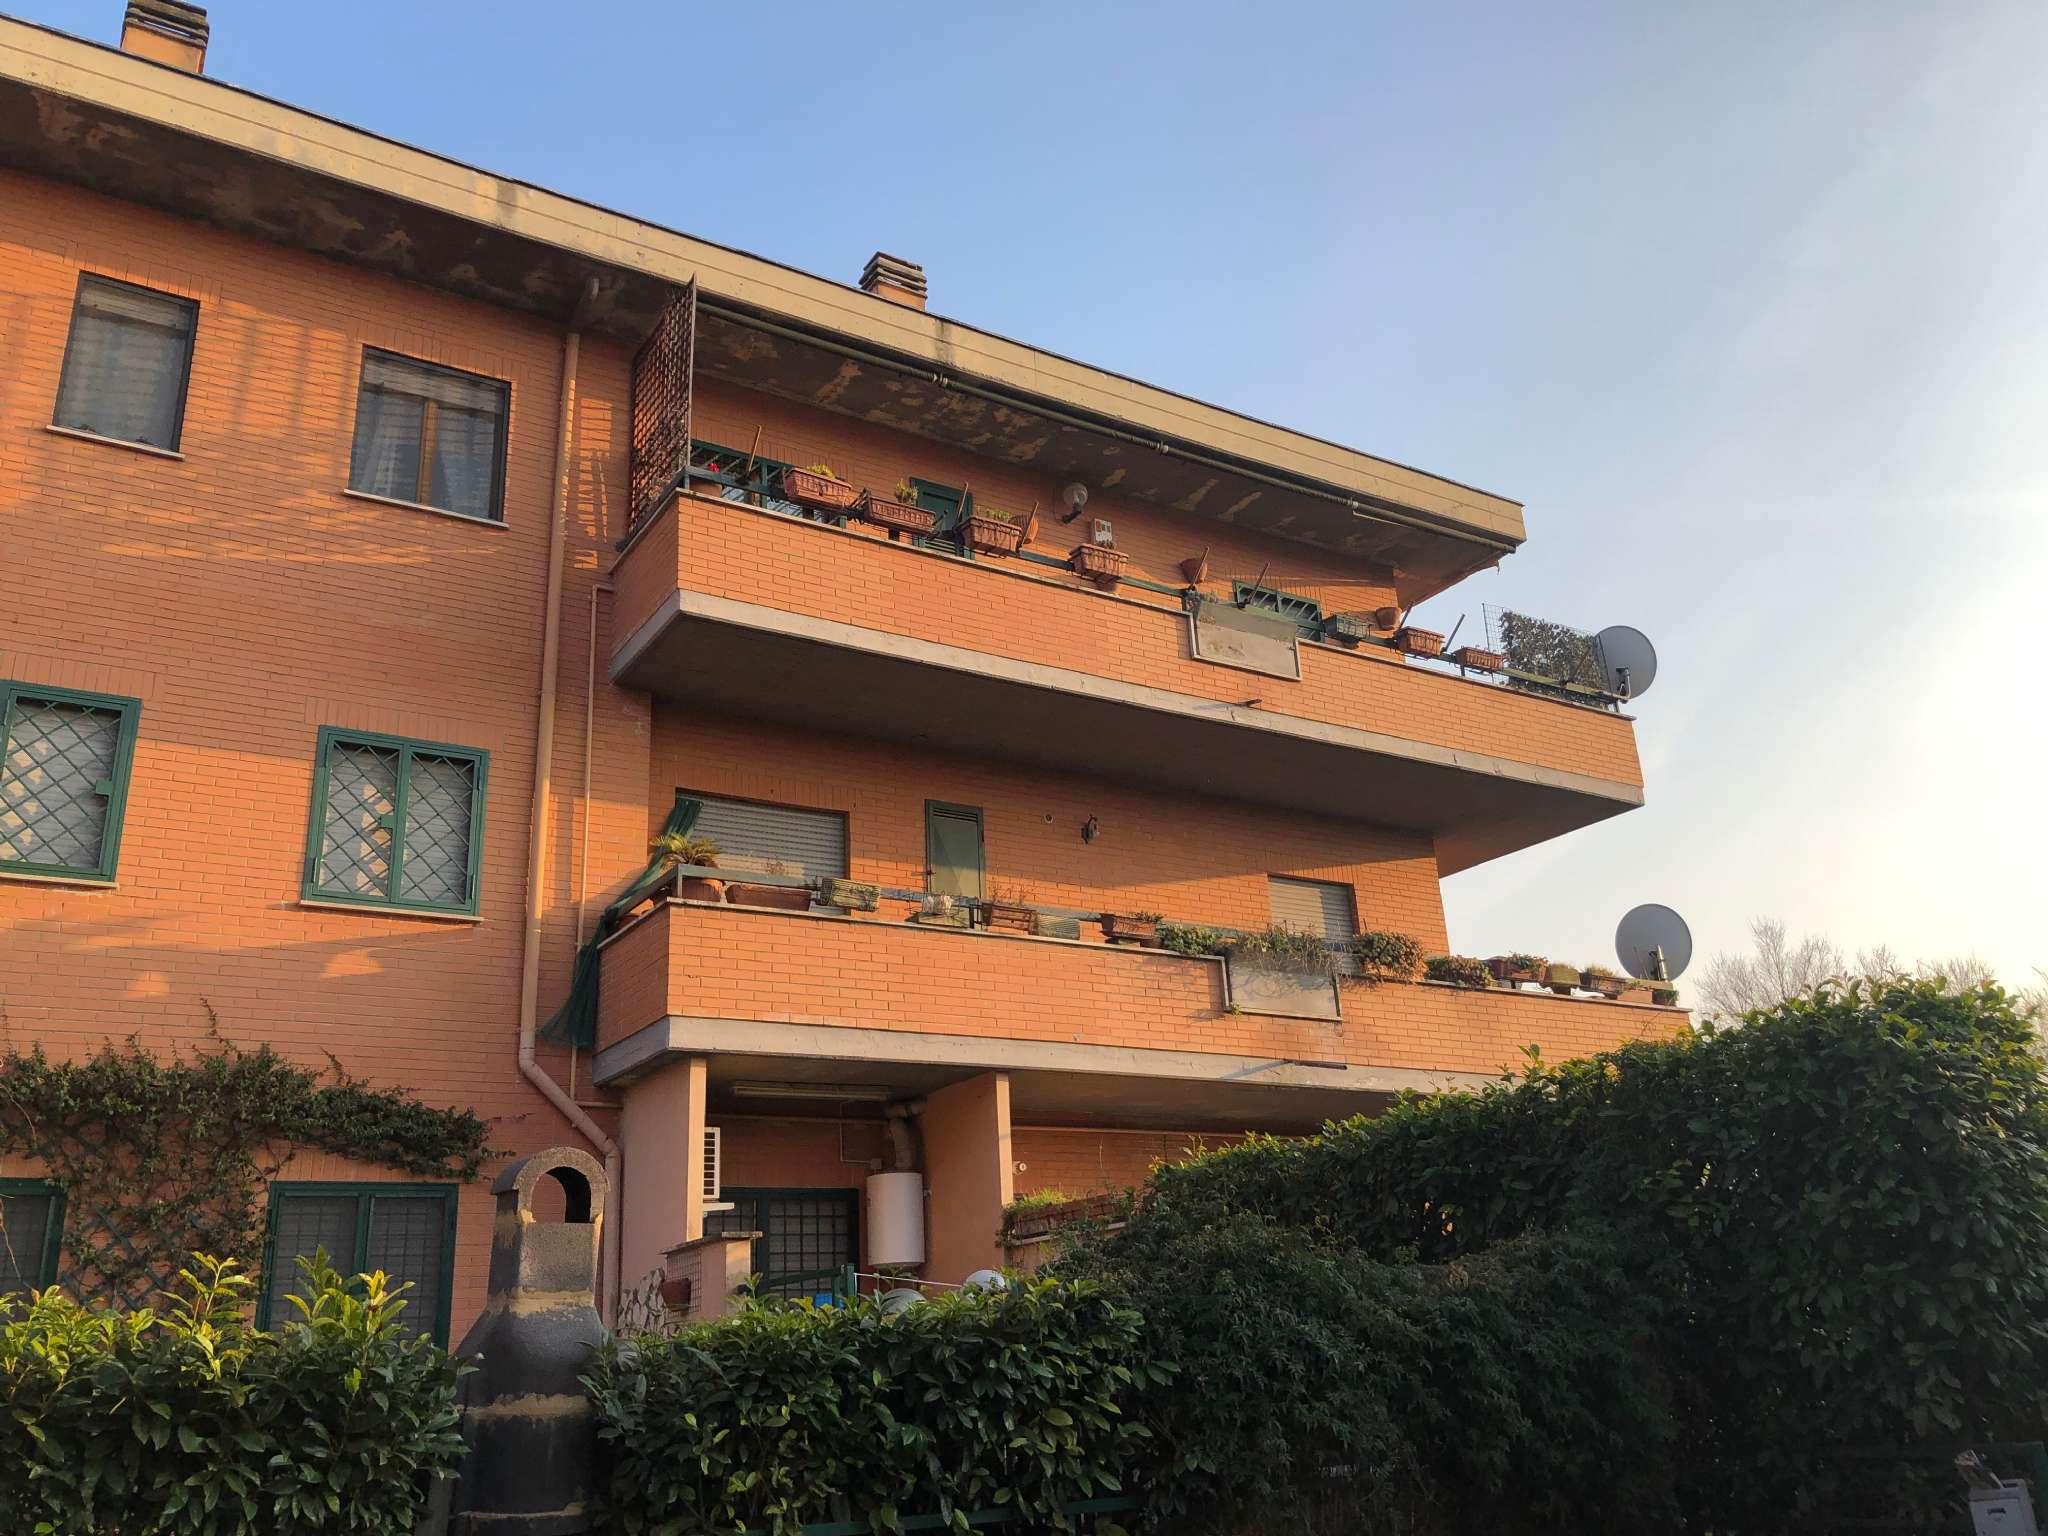 Appartamento in vendita a Tivoli, 2 locali, prezzo € 73.000 | CambioCasa.it